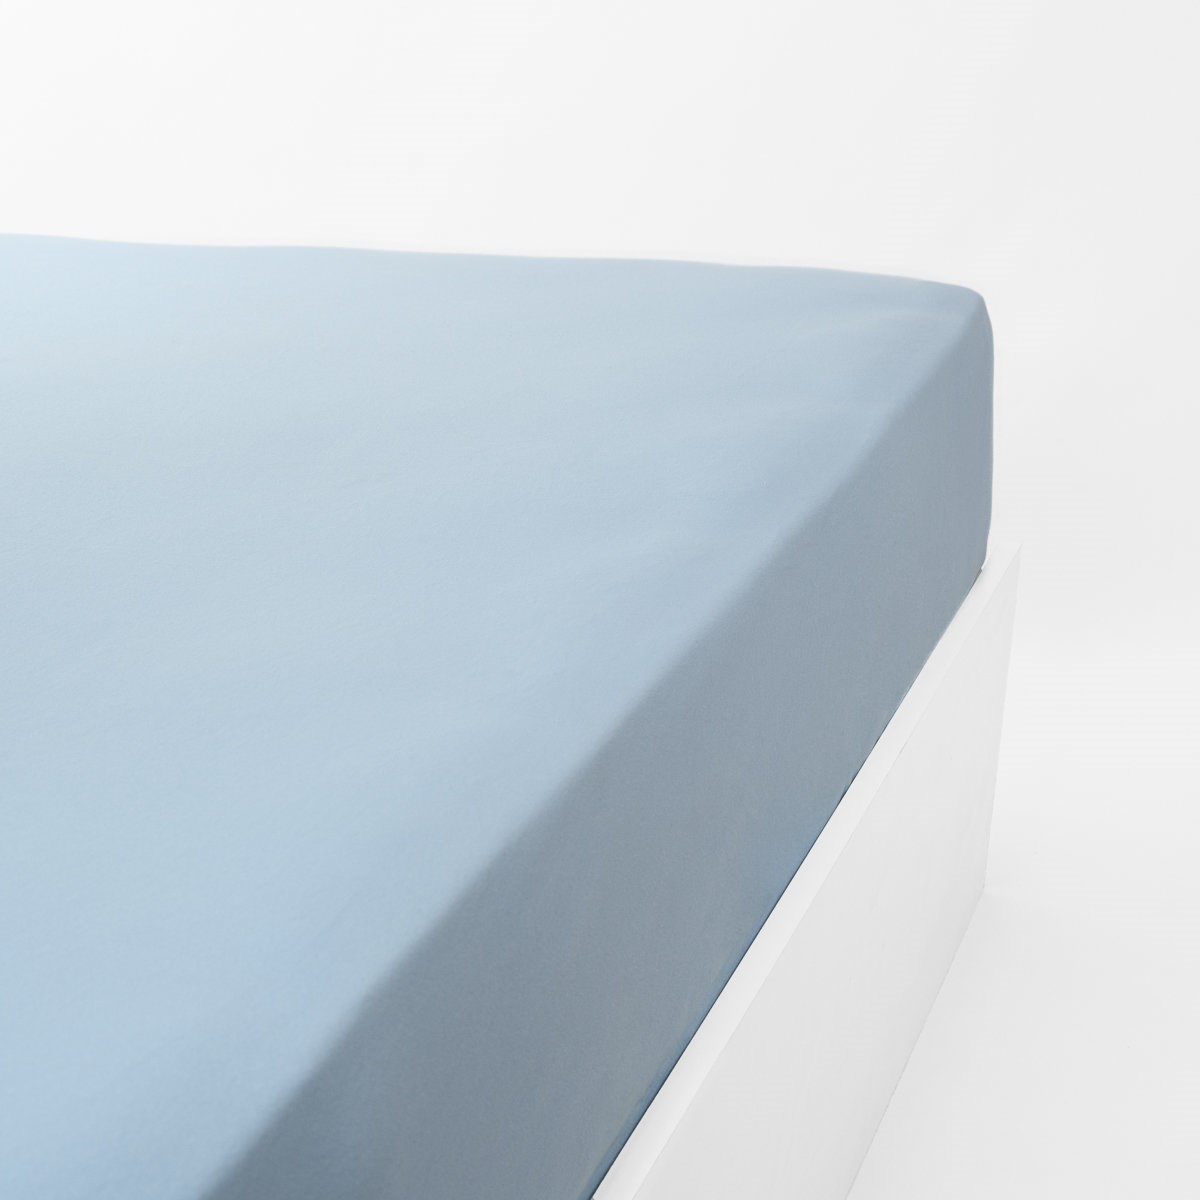 Drap housse jersey extensible en coton bleu clair 110x190 cm